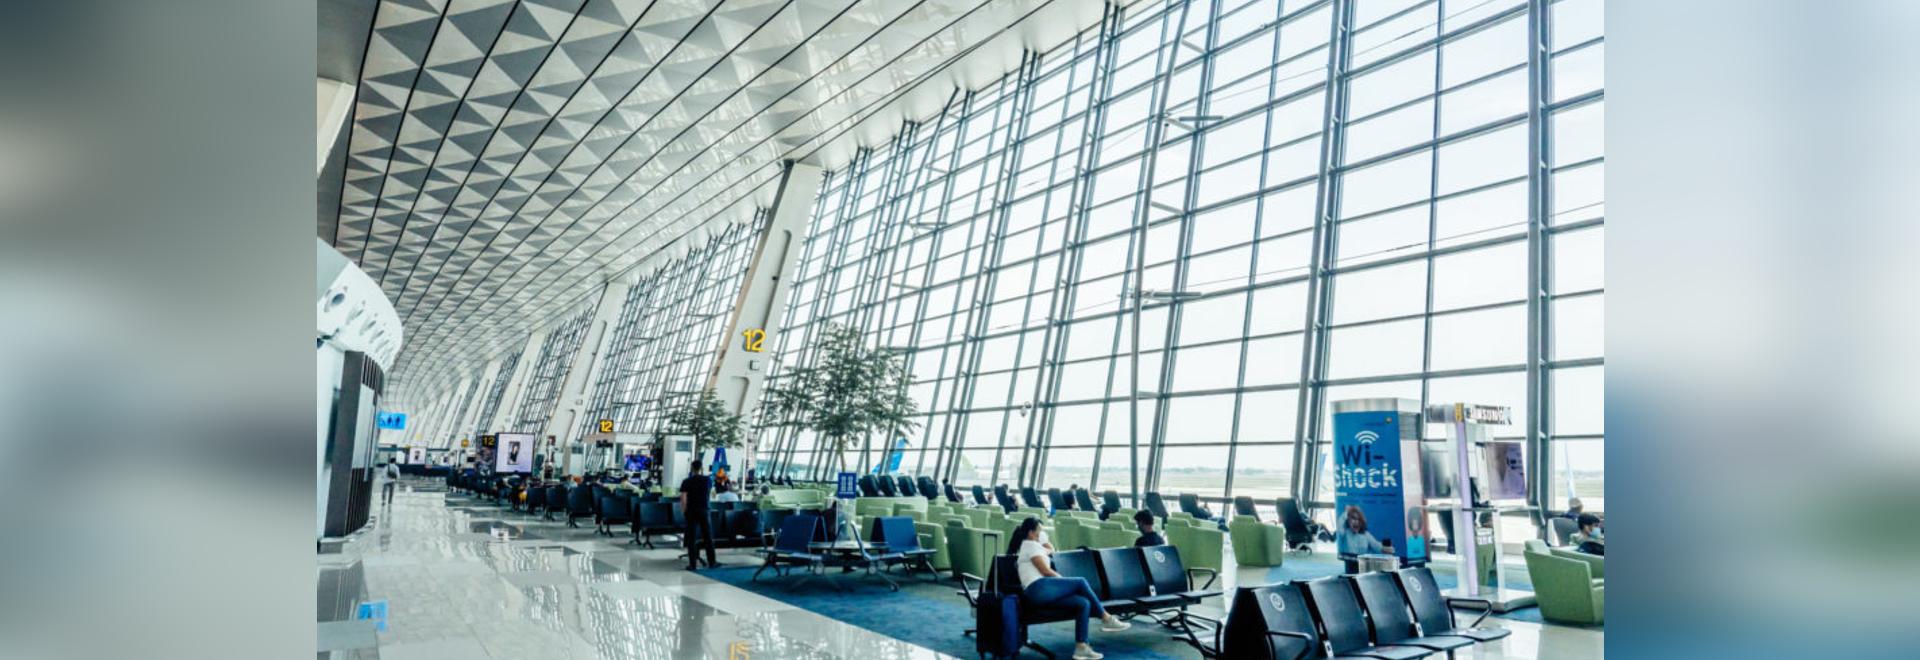 Cosa fanno di diverso i migliori aeroporti del mondo?